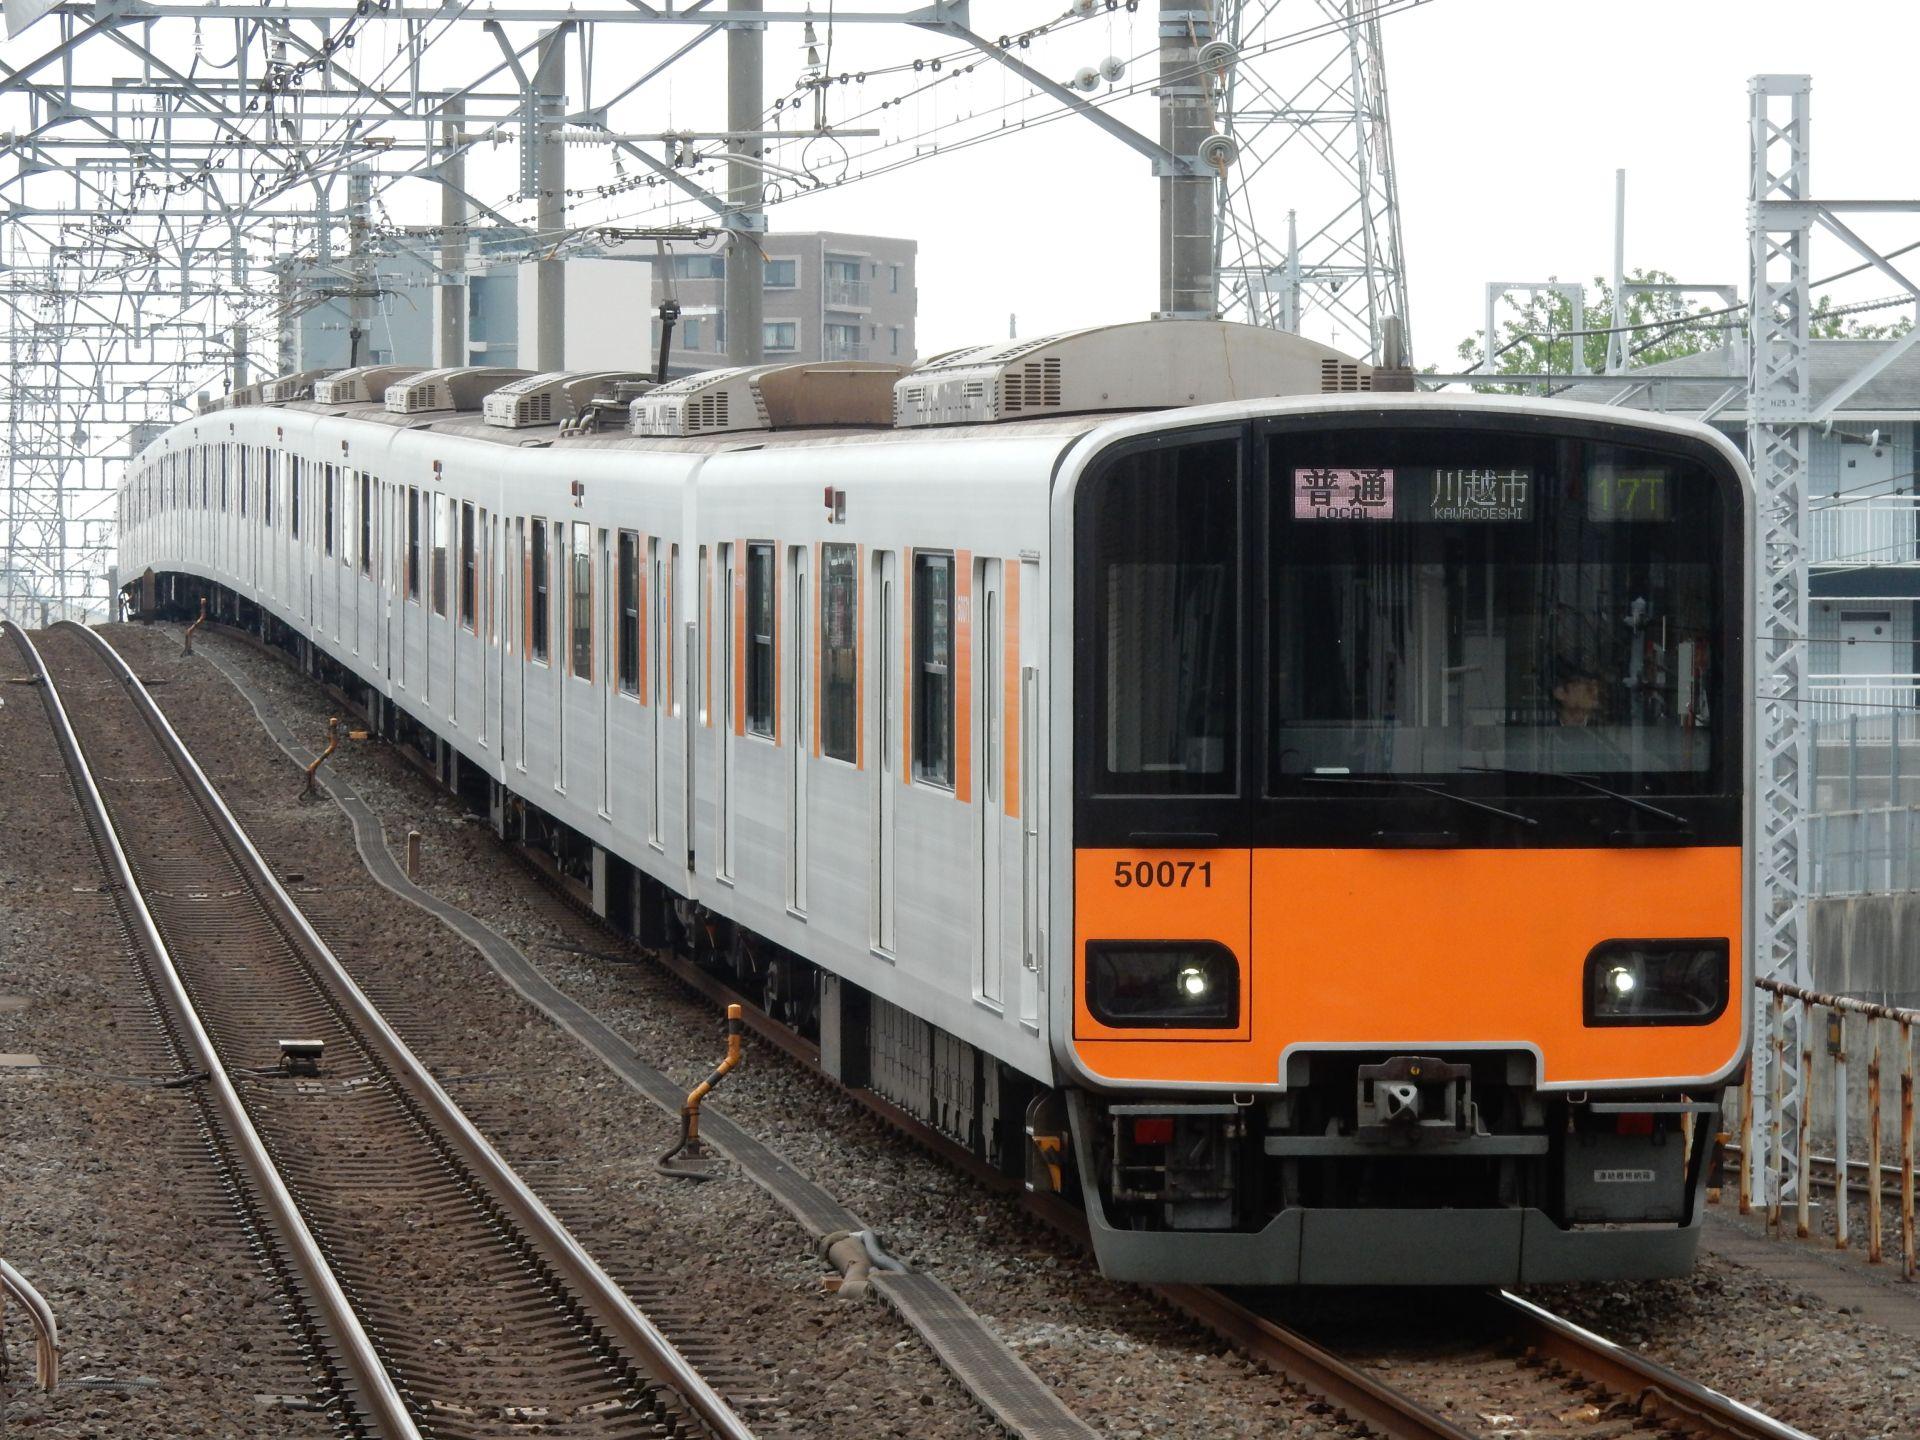 DSCN8721 - コピー